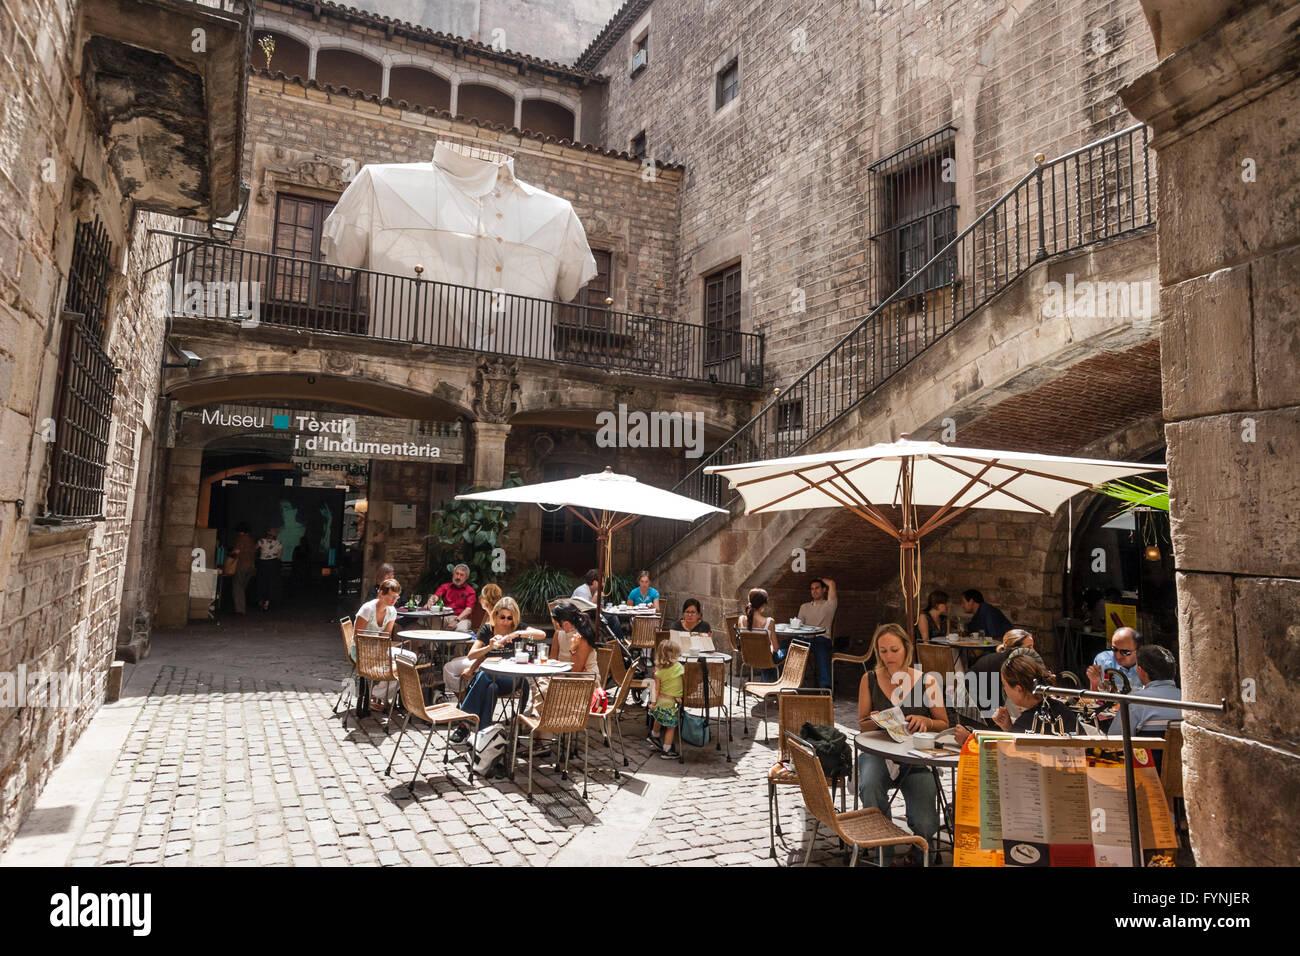 Museo de la industria textil y la moda, Barcelona Imagen De Stock